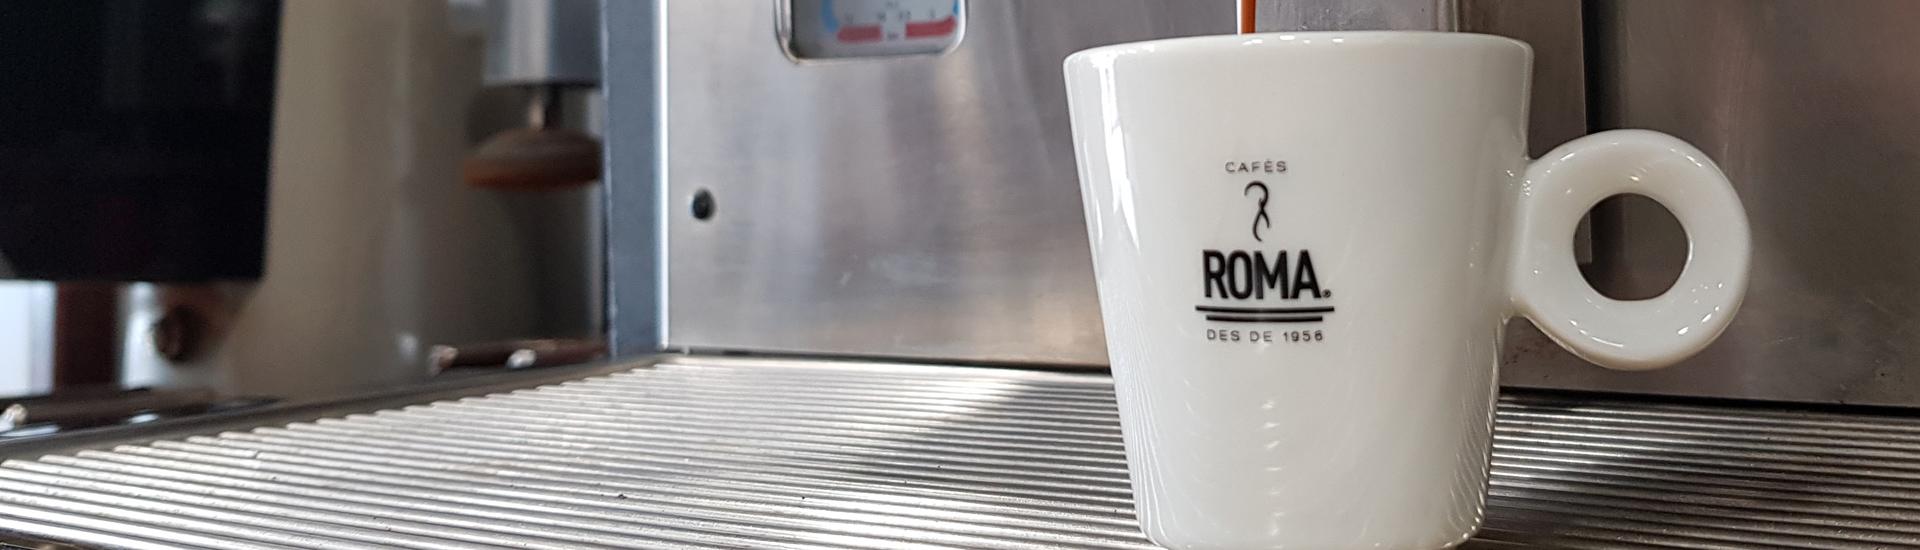 Cafès Roma